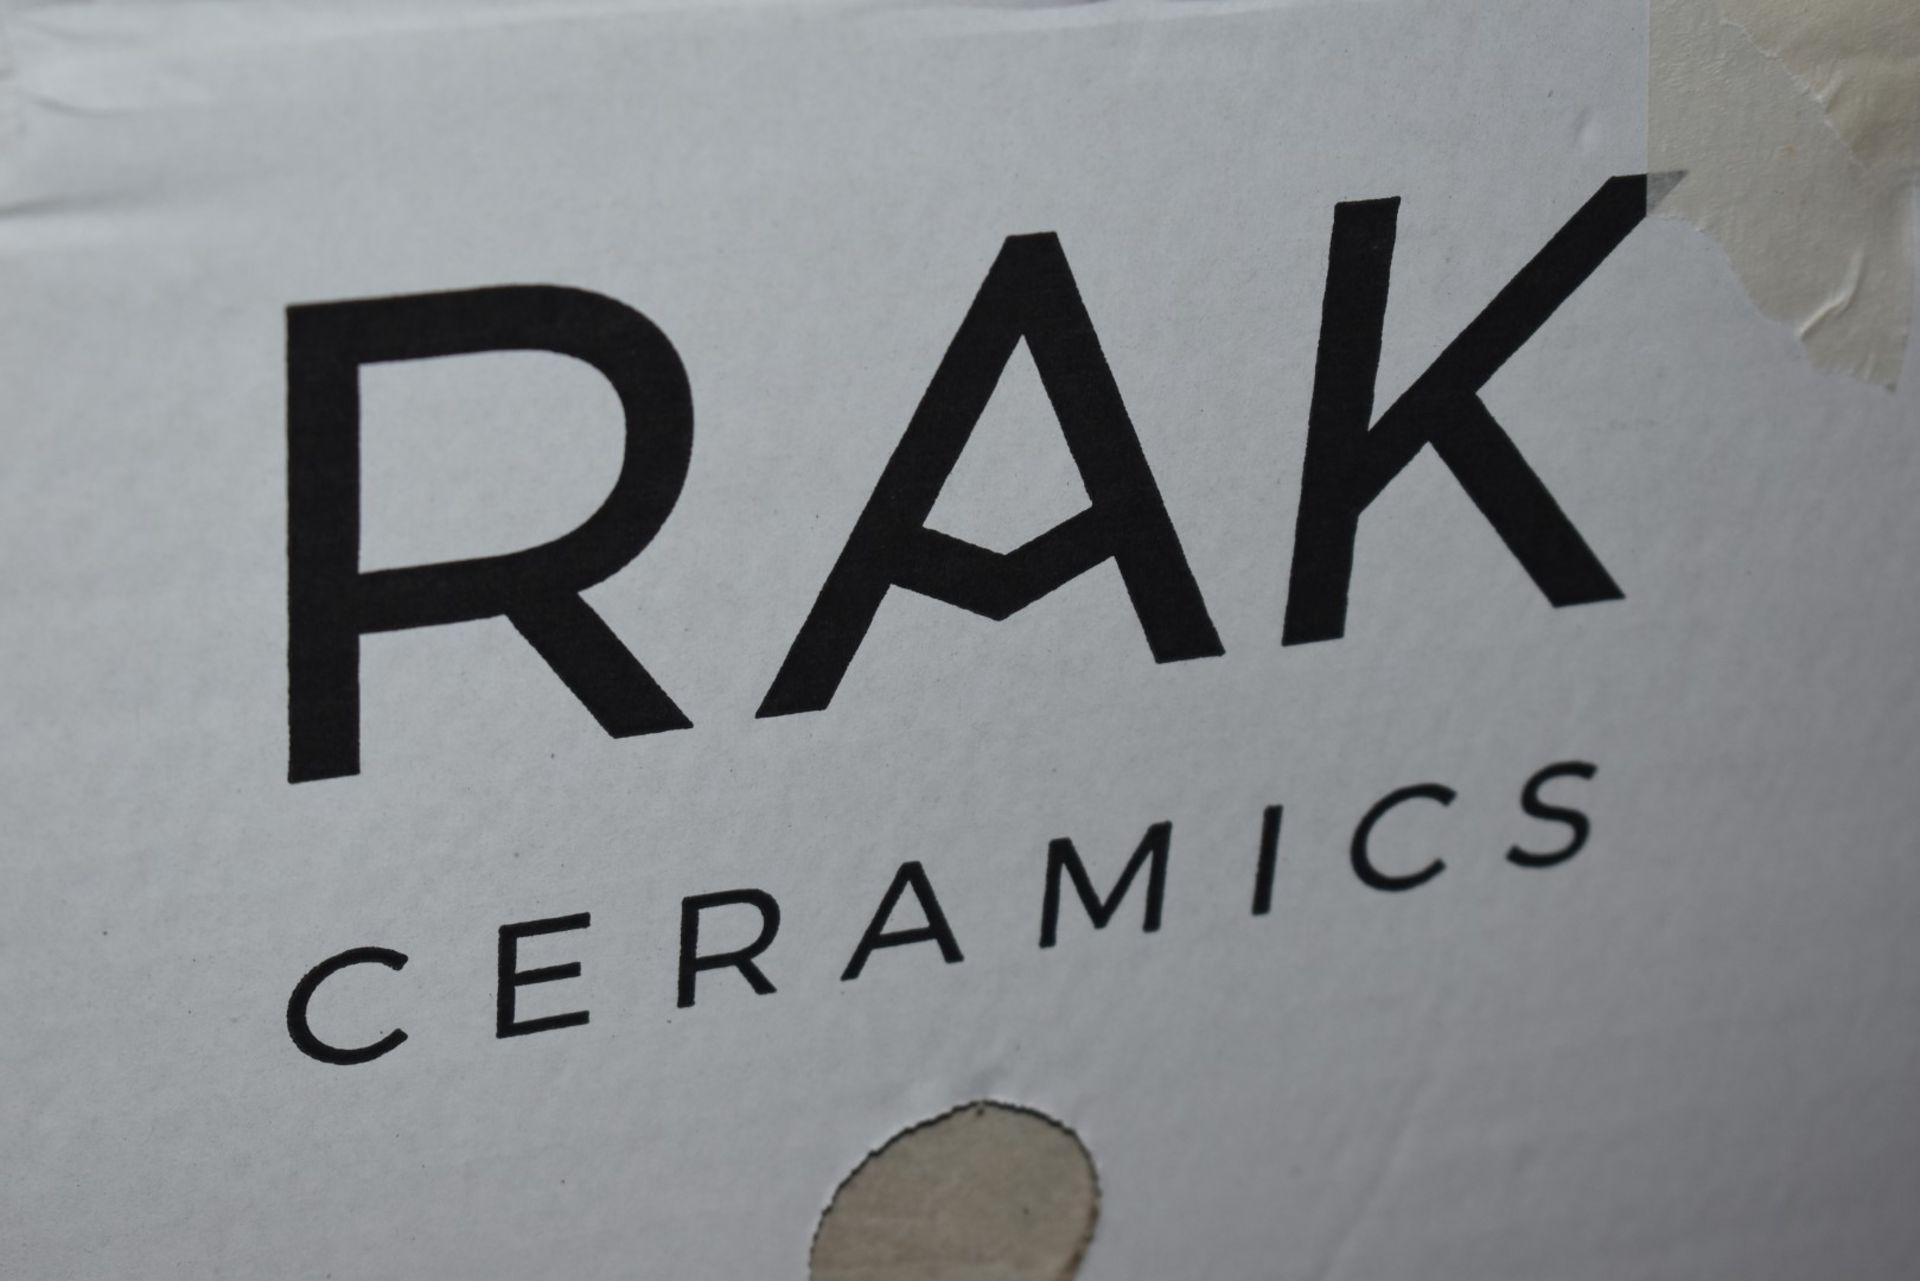 Lot 2558 - 12 x Boxes of RAK Porcelain Floor or Wall Tiles - Concrete Rustic White Design - 30 x 60 cm Tiles